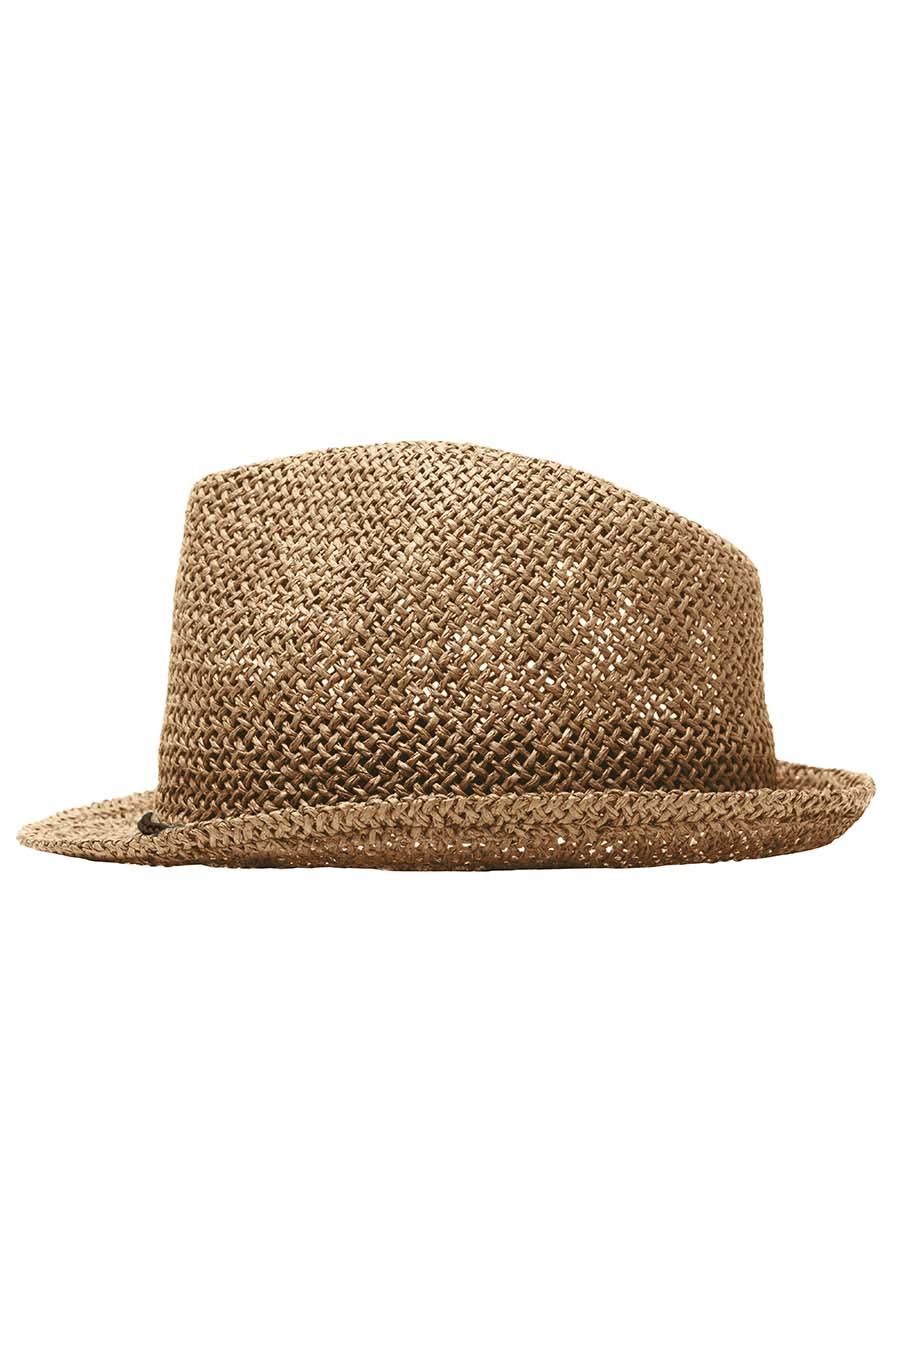 Chapeau look d'été - 20-1456-2